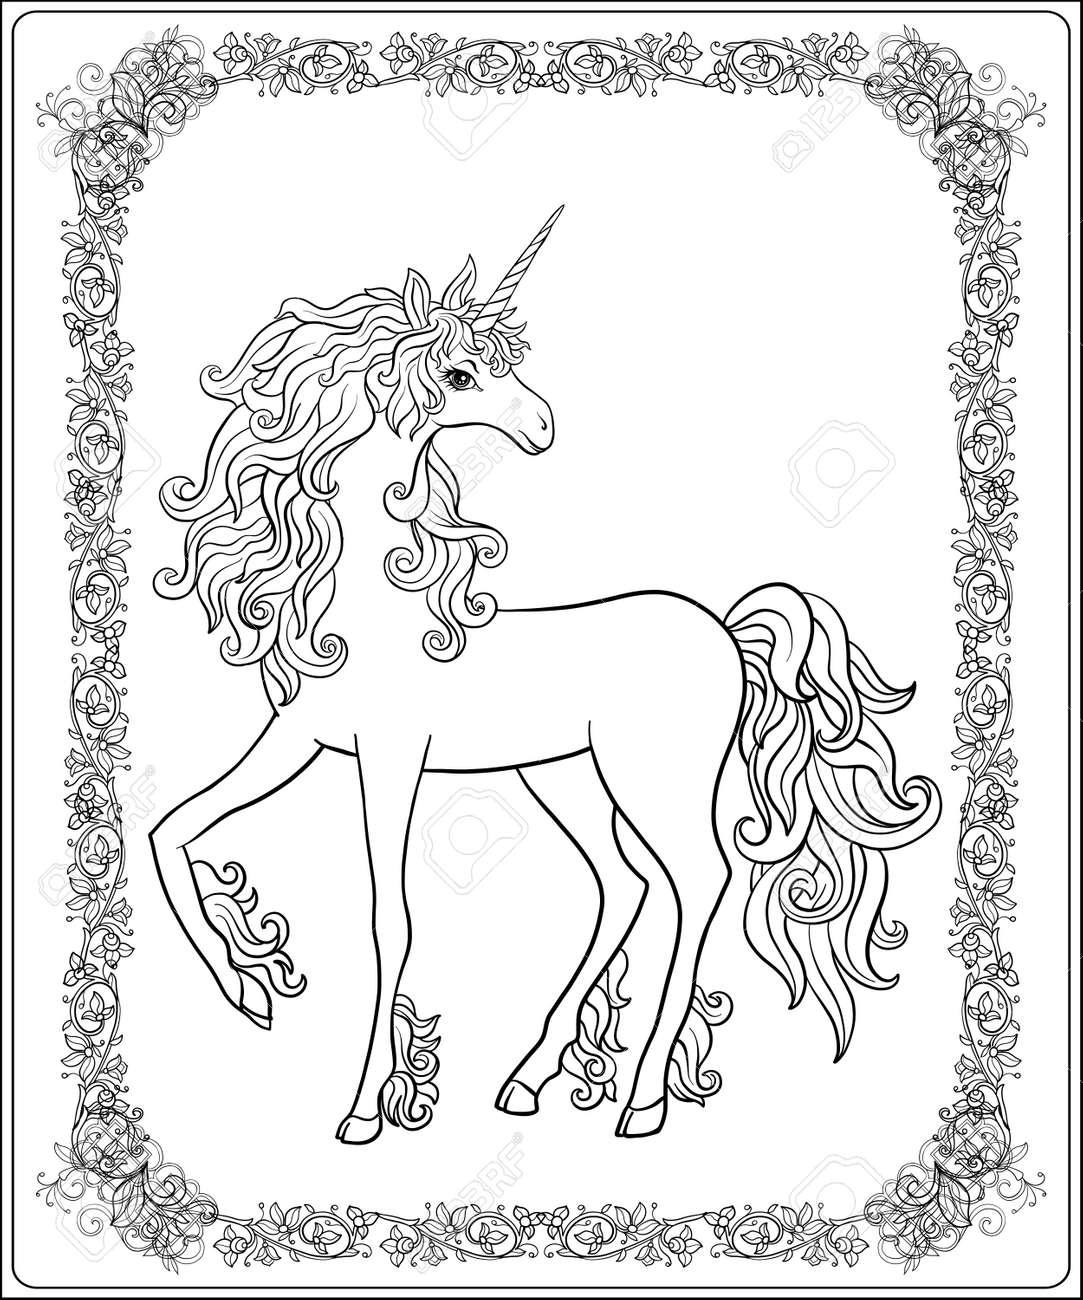 Licorne Dans Le Cadre Arabesque Dans Le Style Royal Medieval Coloriage Dessin De Contour Livre De Coloriage Pour Adulte Vecteur Stock